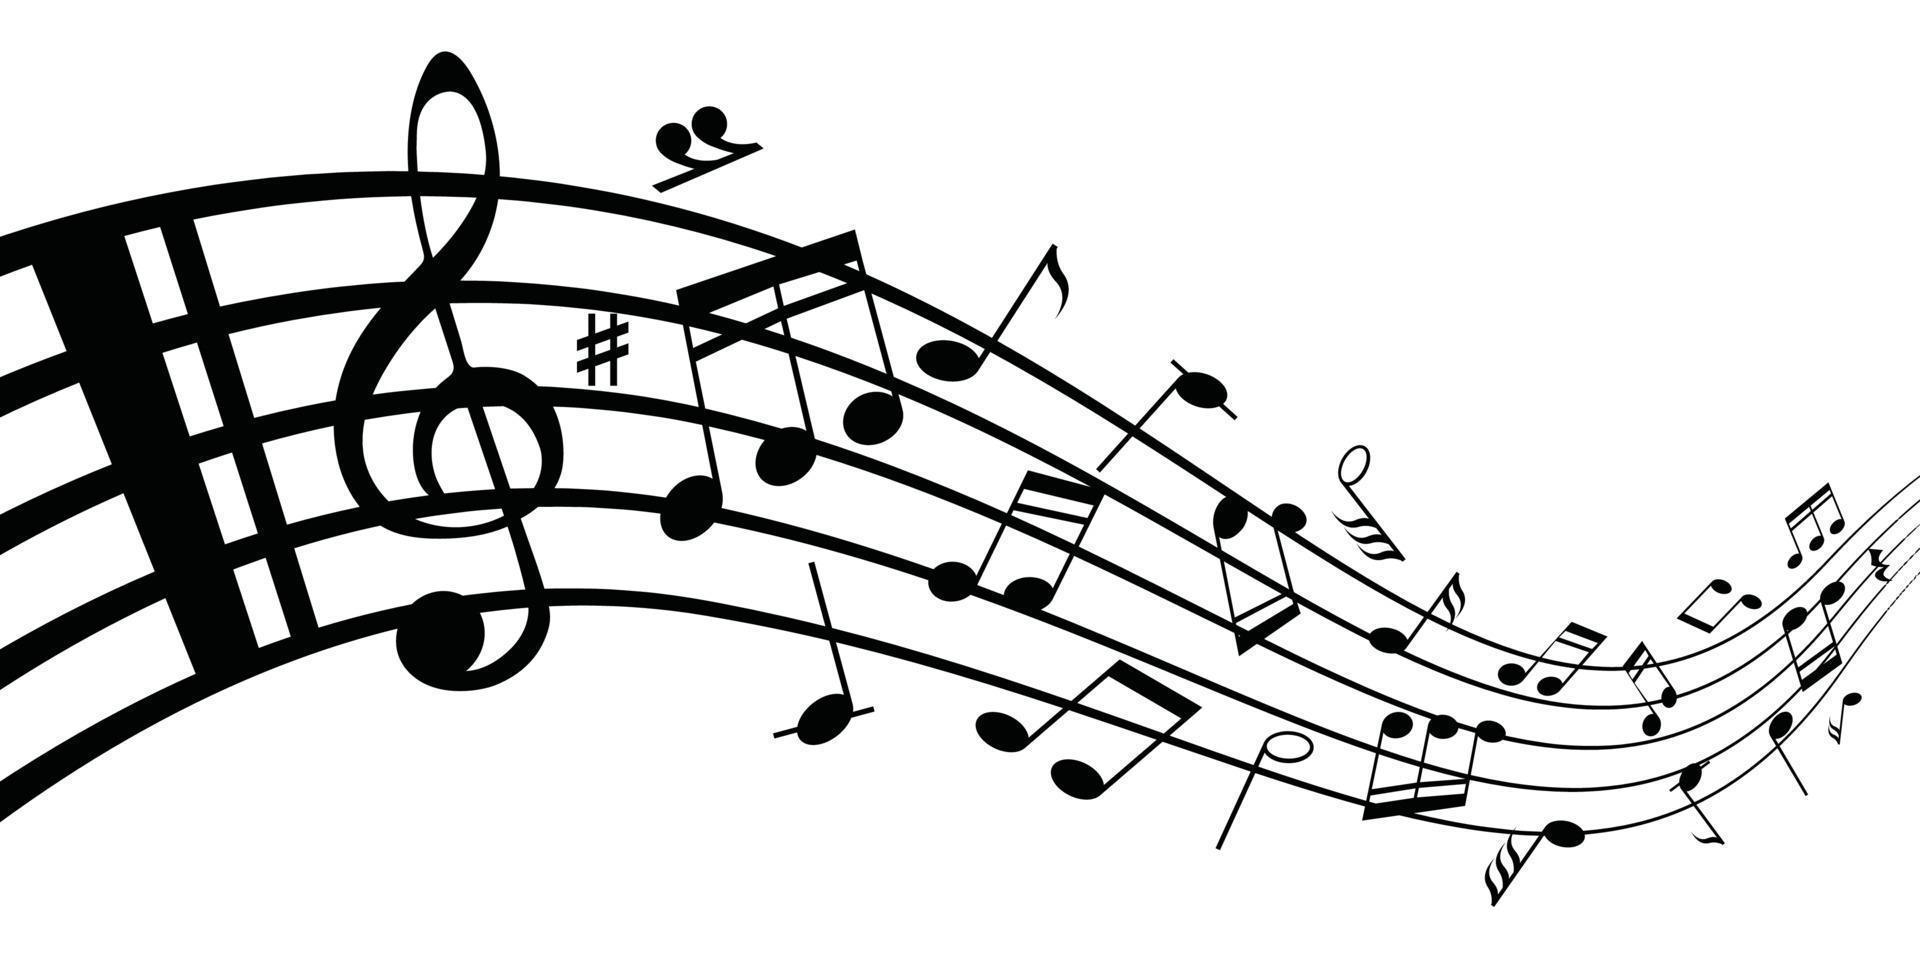 verzameling van muzieknoten en muzieknoten op een notenbalk vector